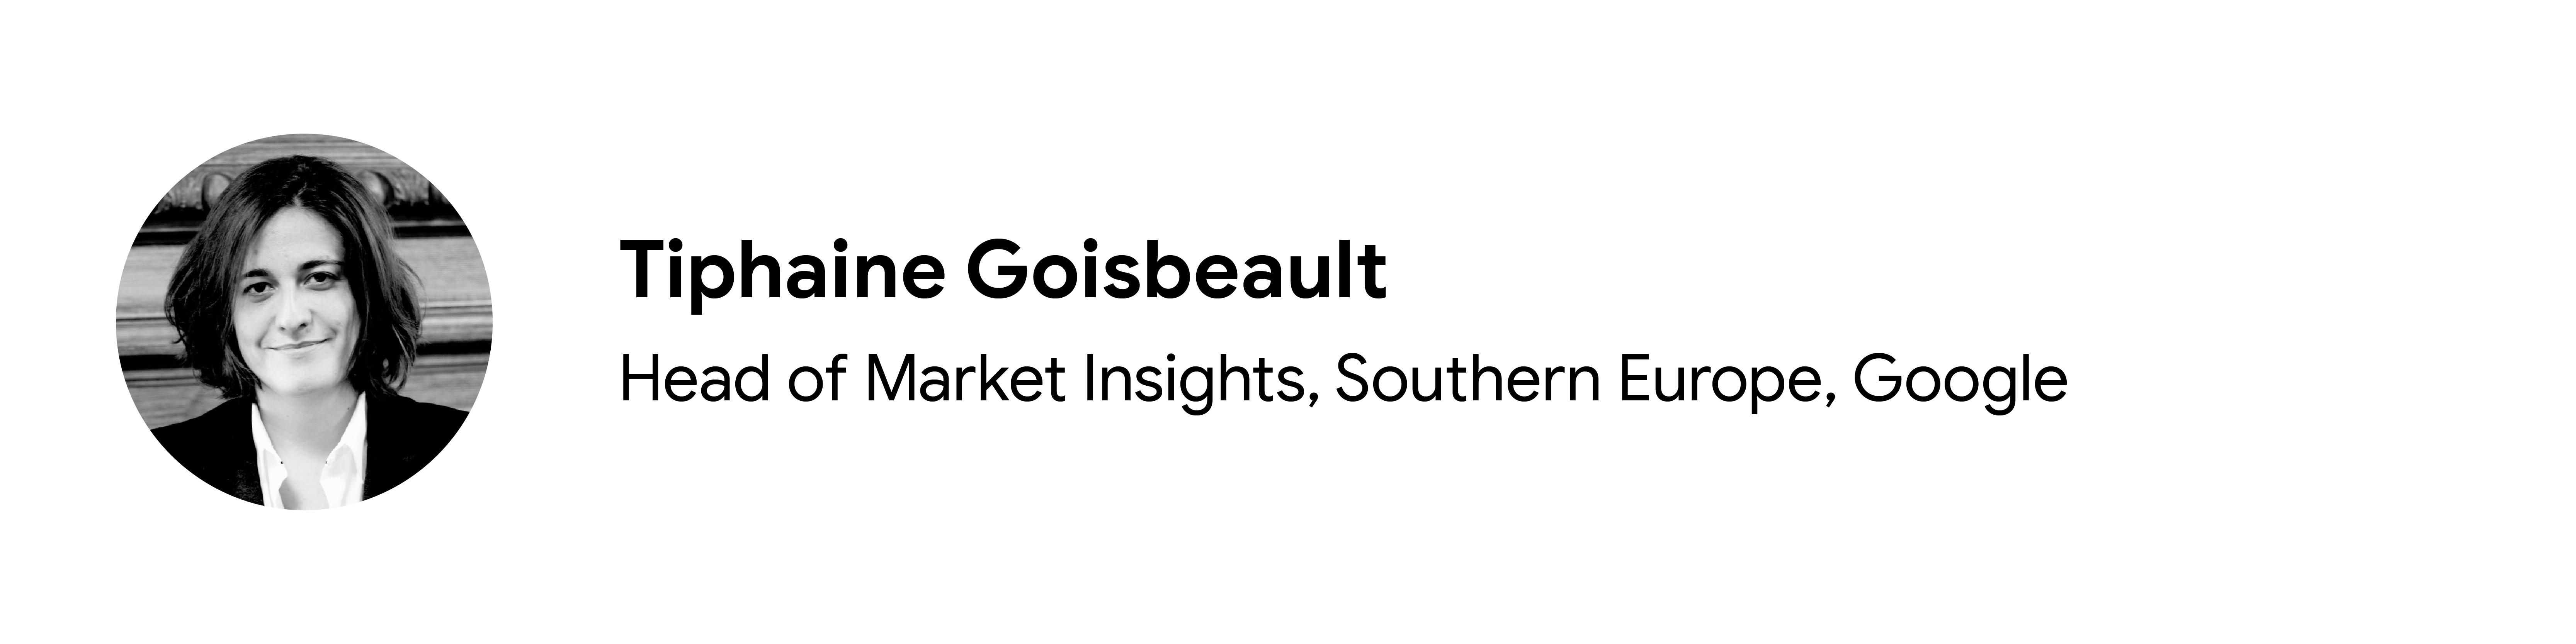 Katkıda bulunan Tiphaine Goisbeault'un siyah beyaz vesikalık fotoğrafı, Pazar Bilgileri Başkanı, Güney Avrupa, Google